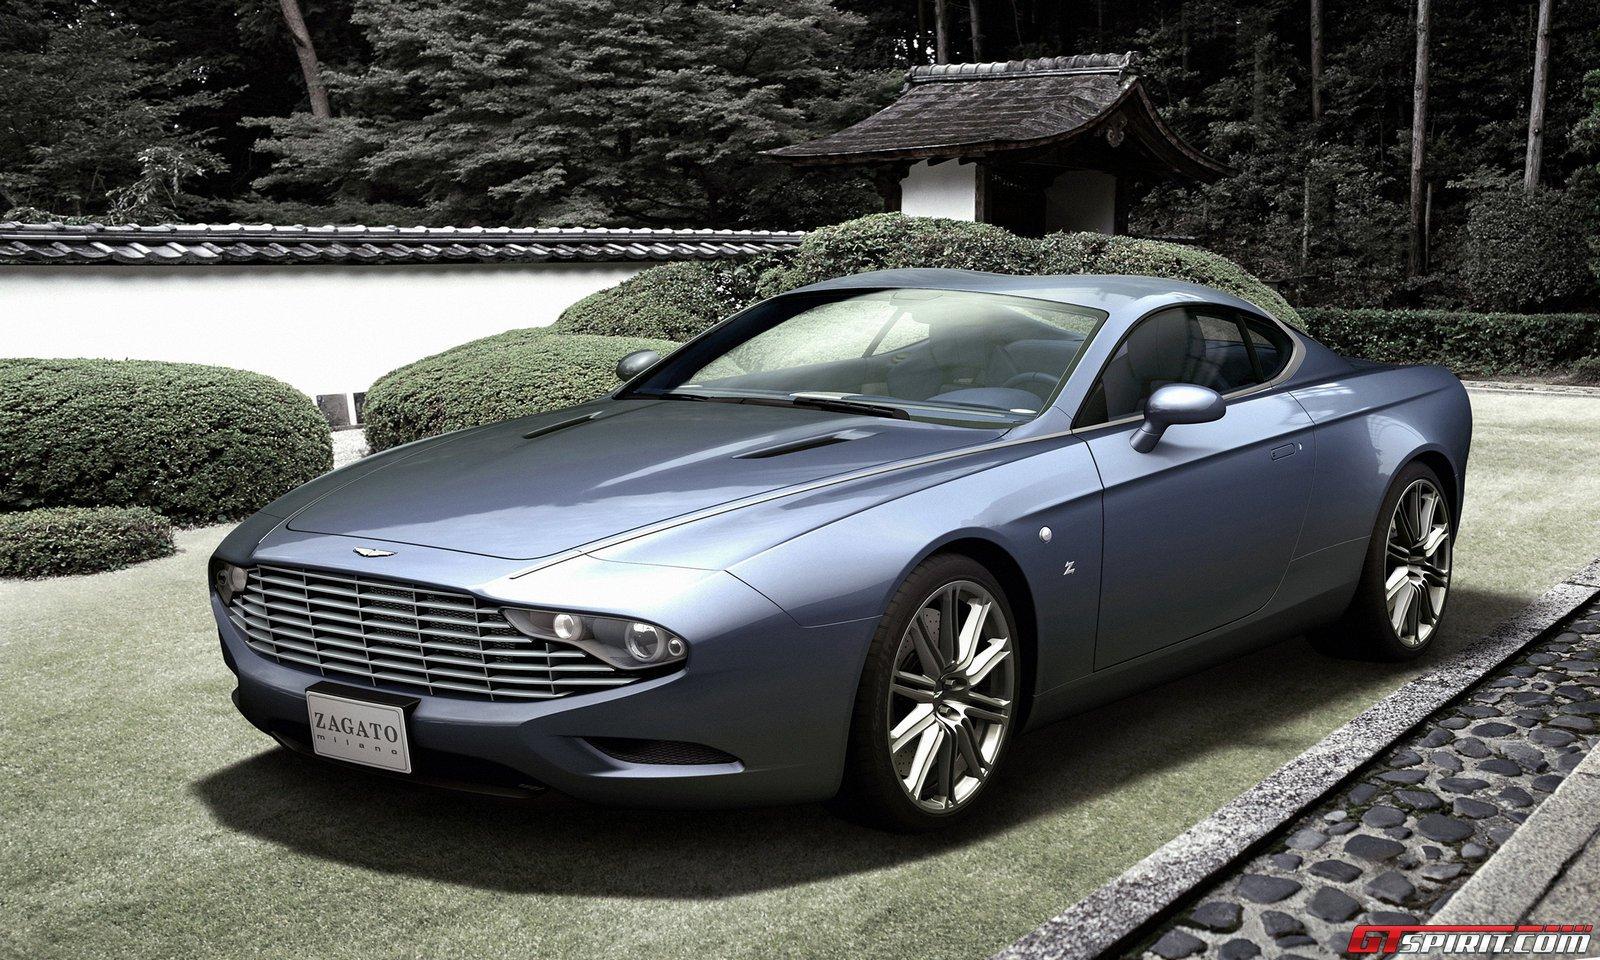 Aston Martin DBS Zagato Wallpaper HD